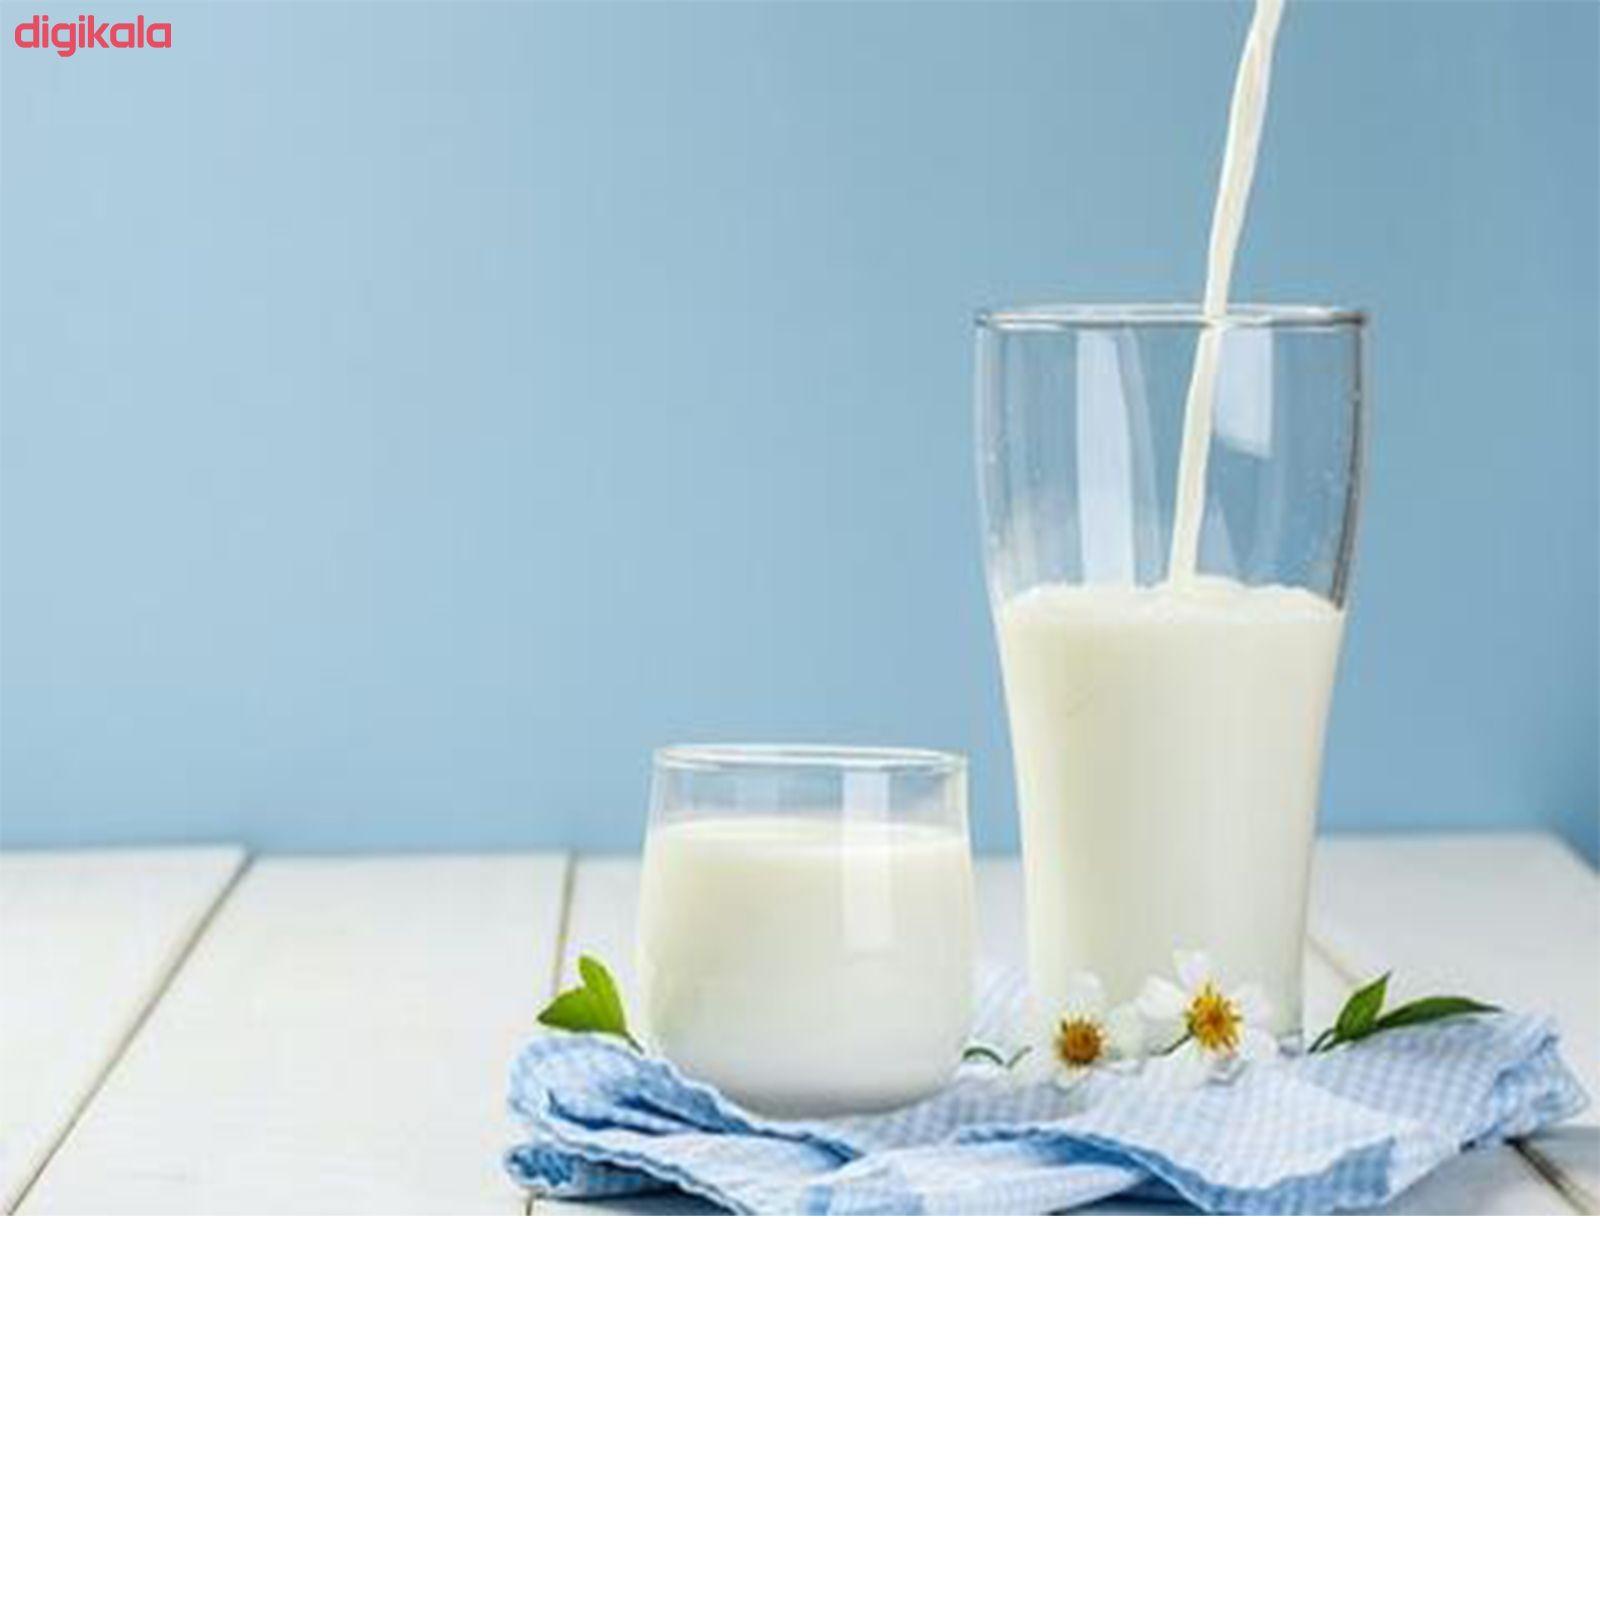 شیر تازه کم چرب پاک حجم 1 لیتر main 1 5